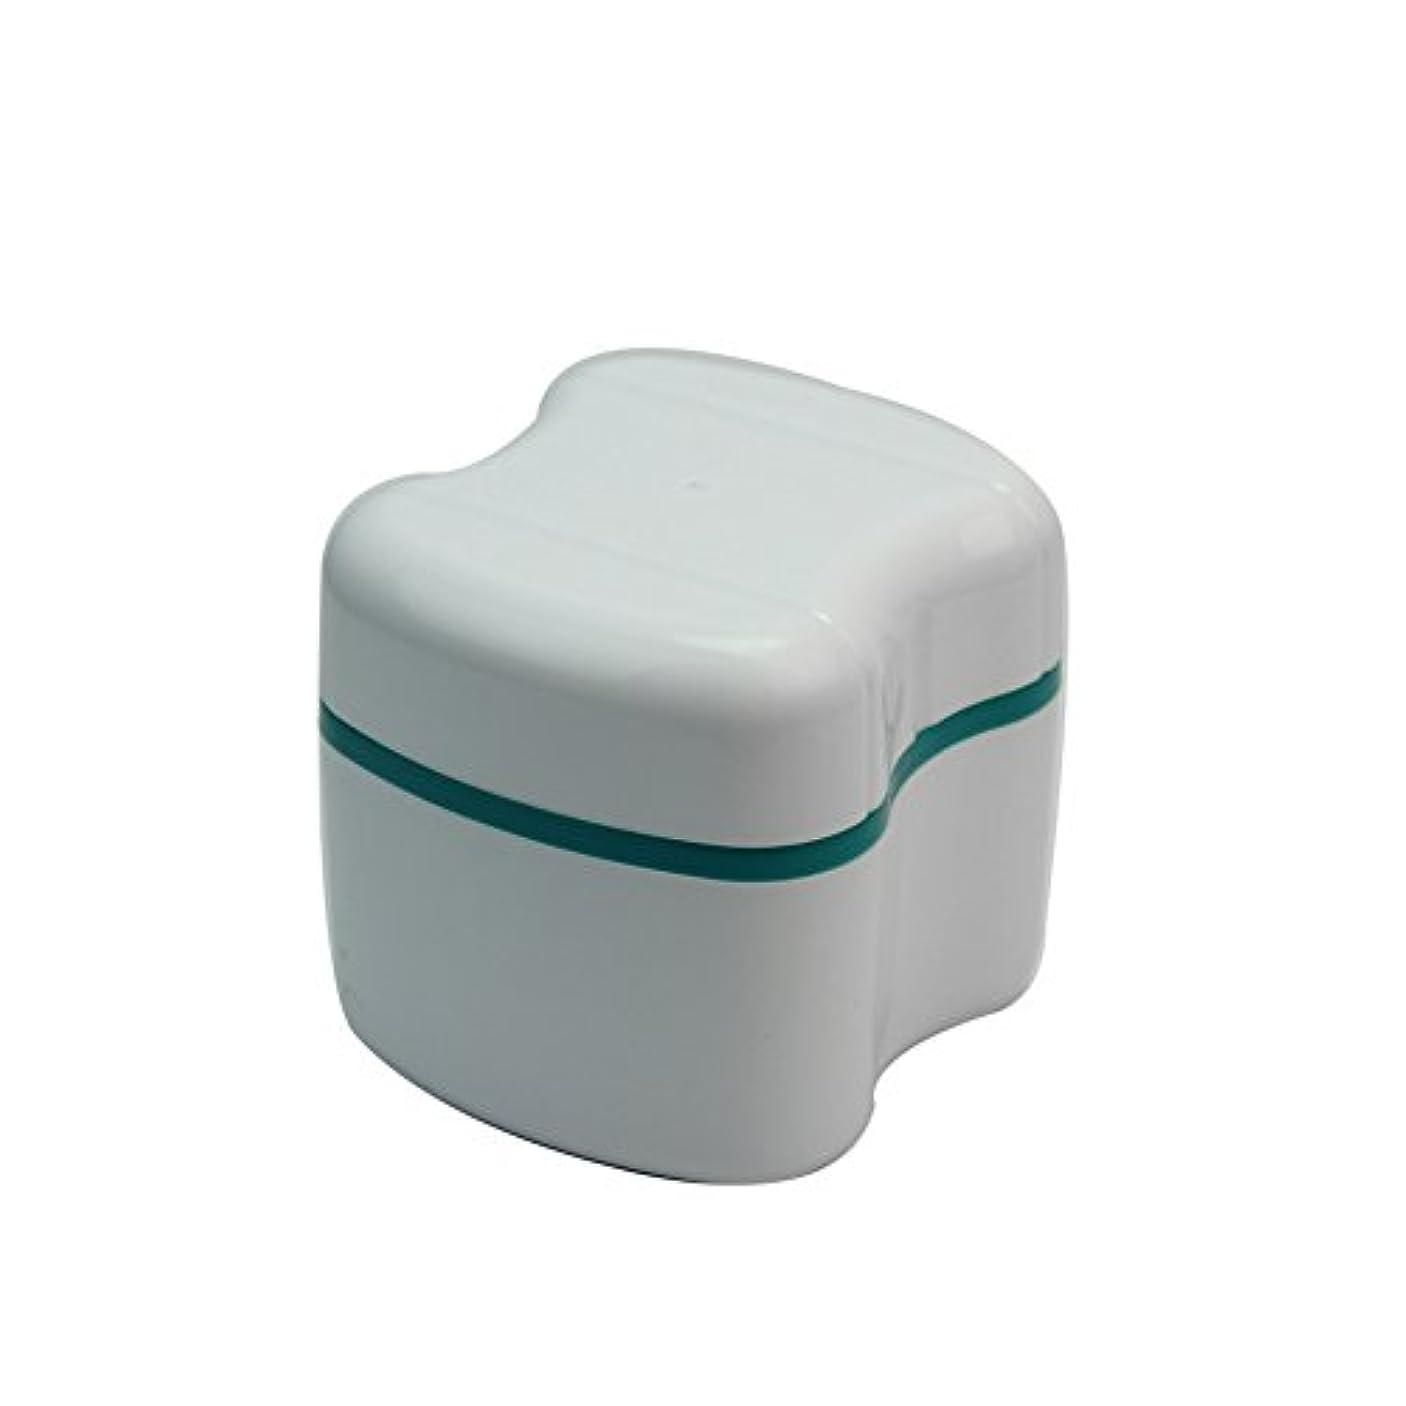 トランクライブラリ月バンジョー入れ歯ケース プラスチック製